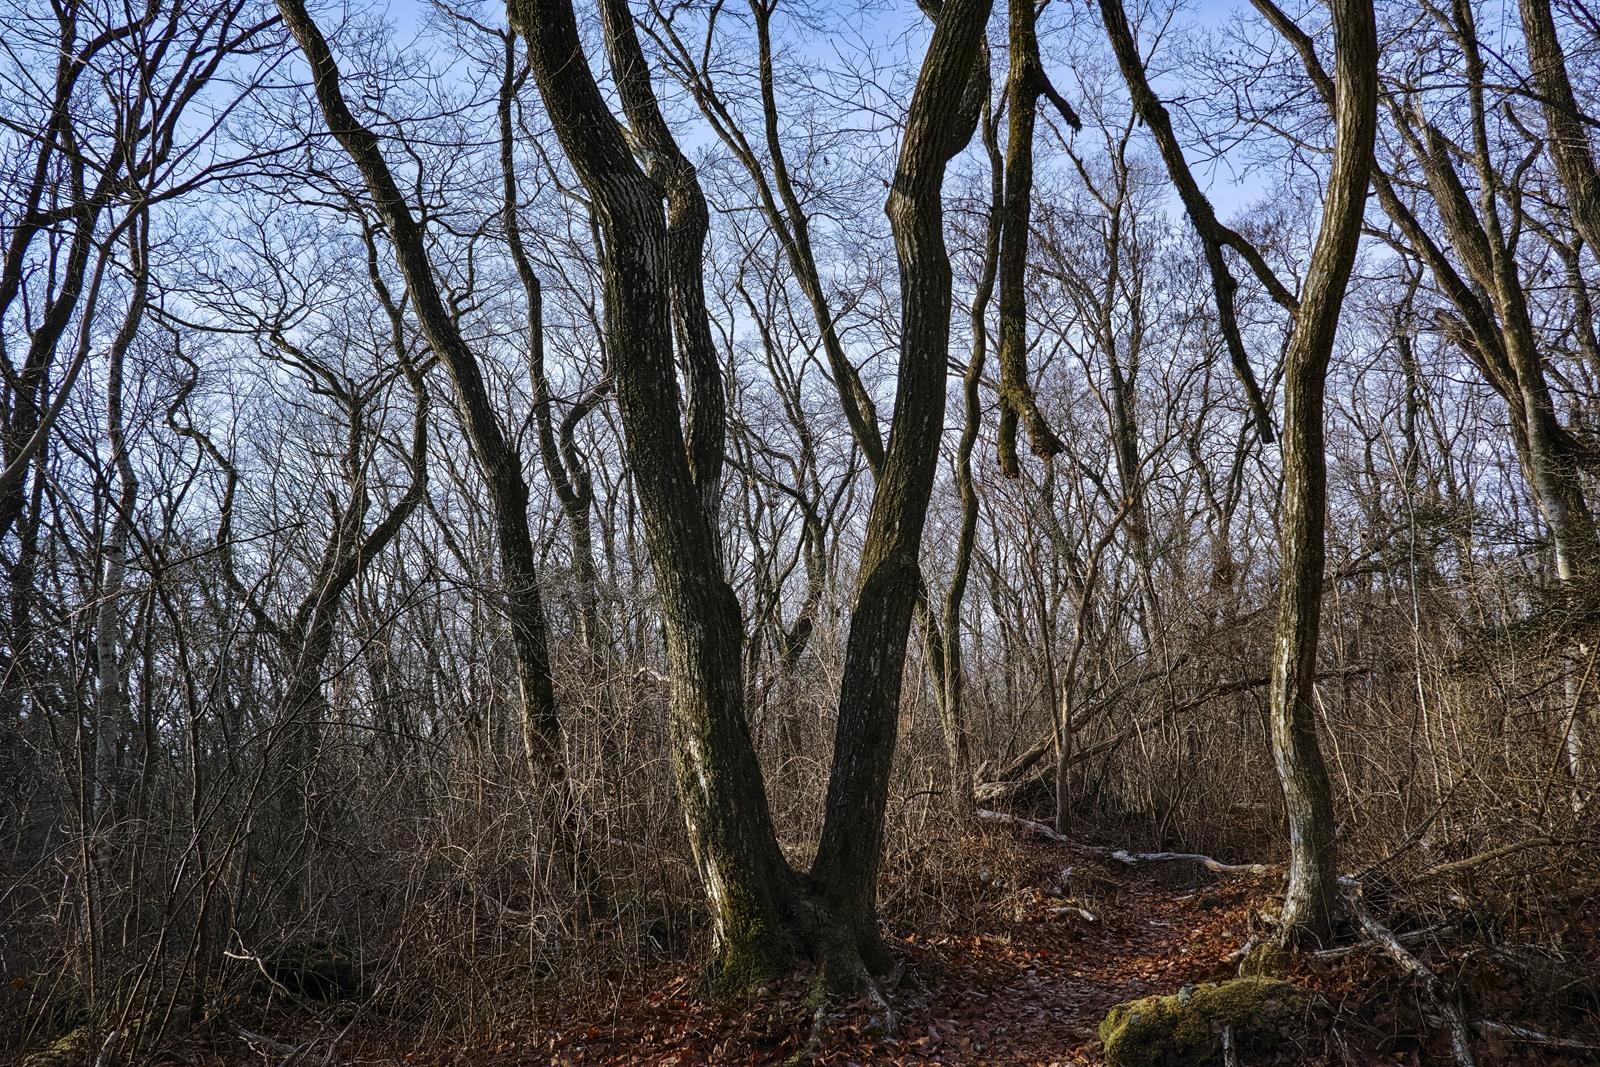 Photo: 「分岐」 / Fork.  静寂に包まれた森 木々が語り始める 行く先は何処 無意識に足が運ぶ 奥へ奥へと  SIGMA dp1 Quattro #SIGMA #dp1 #Quattro #Foveon #landscapephotography ( http://takafumiooshio.com/archives/873 )